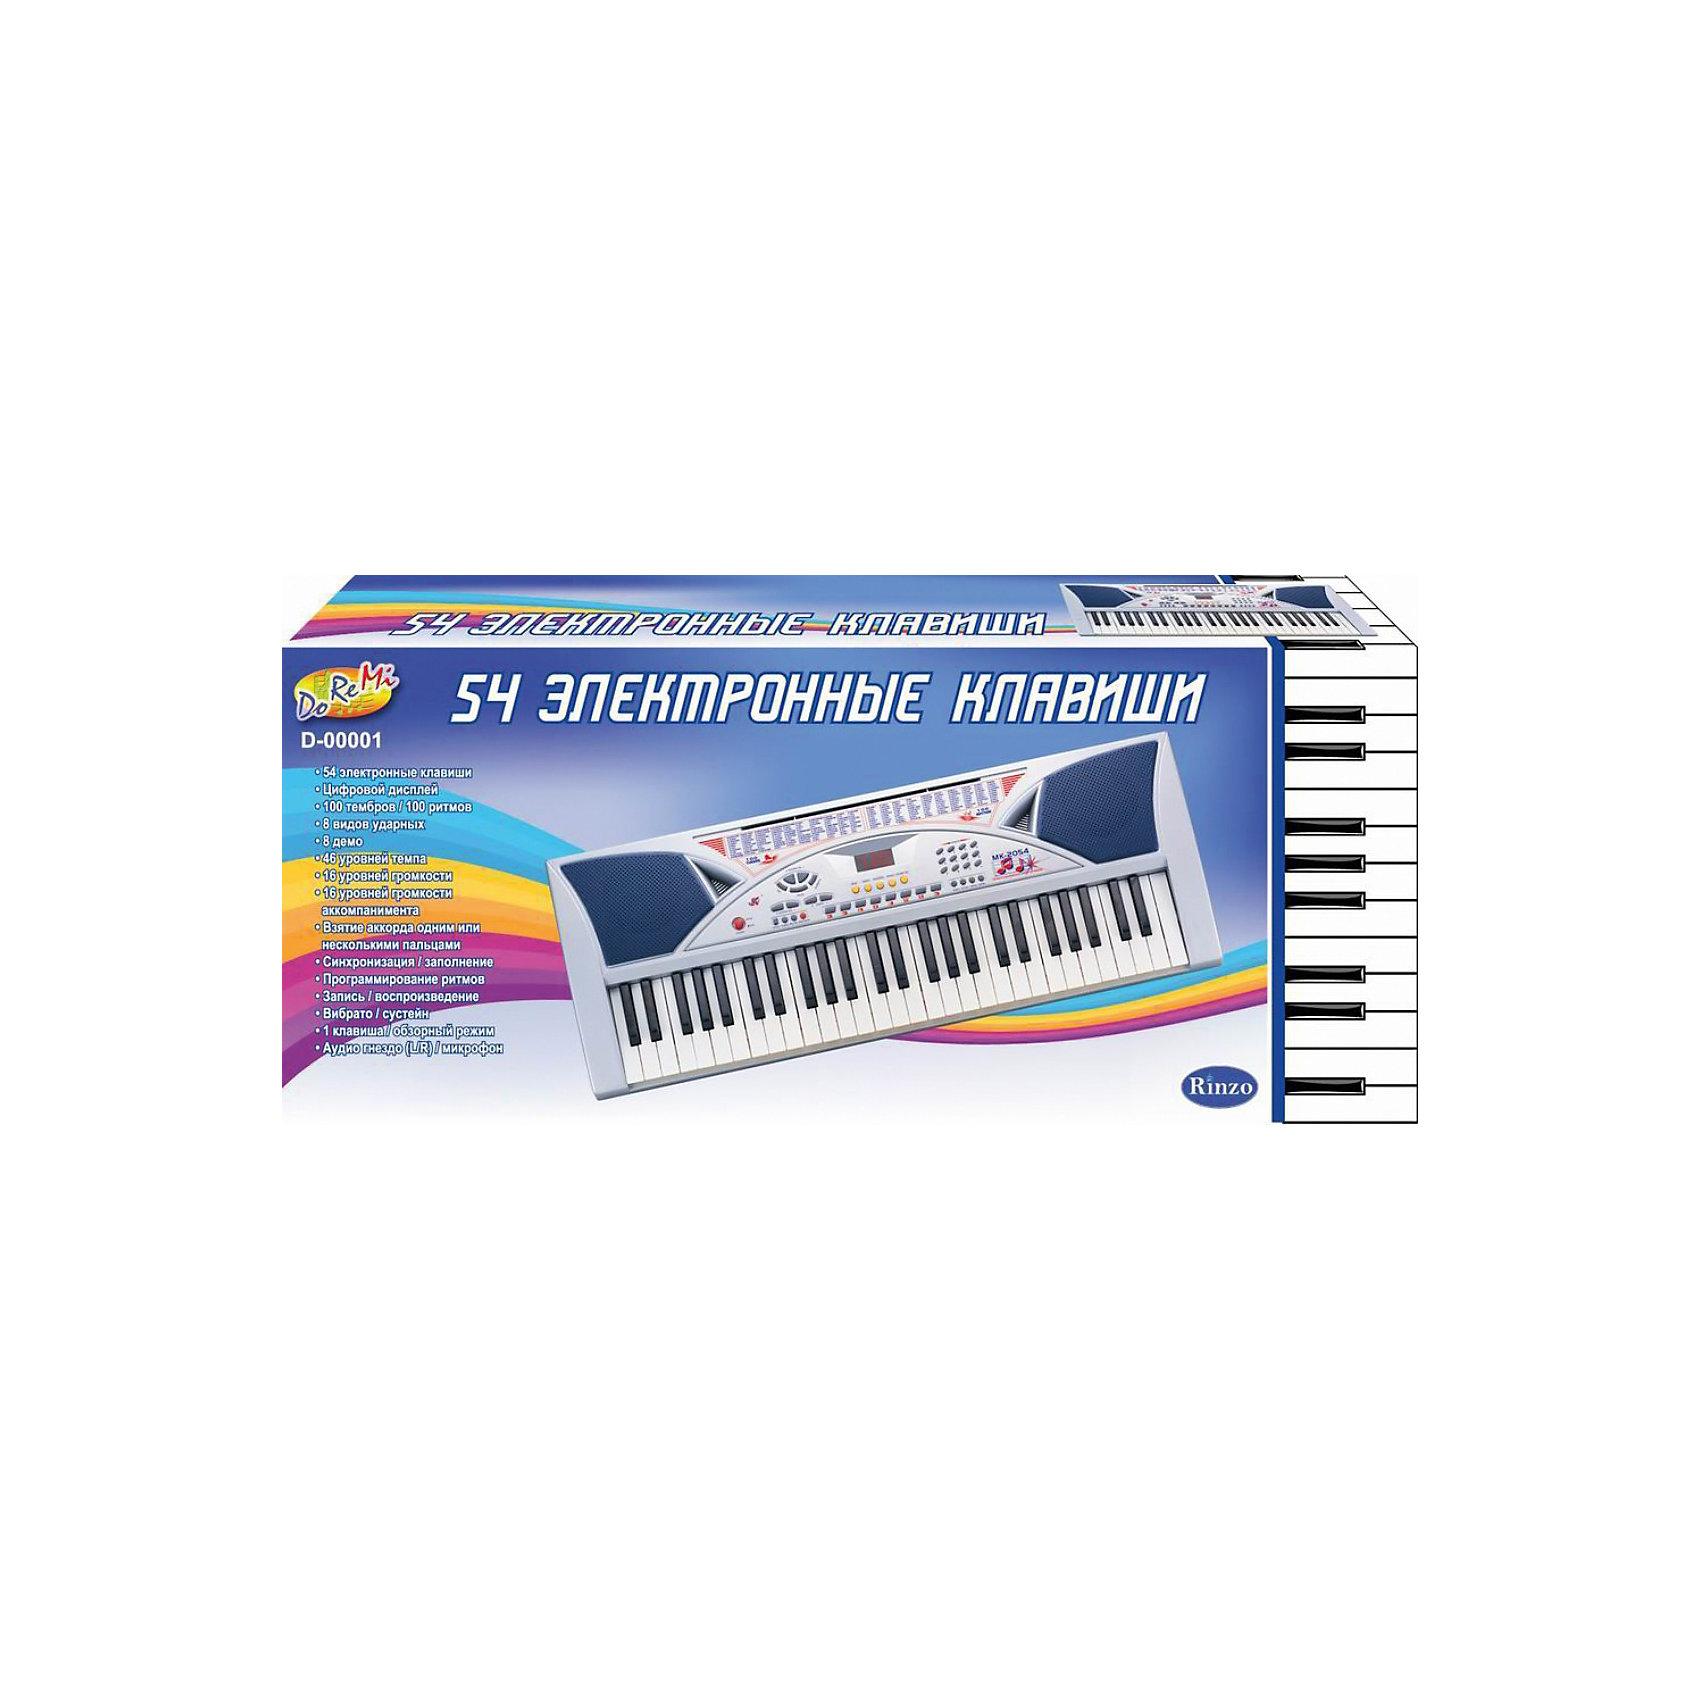 Синтезатор, 54 клавиши с микрофономСинтезатор, 54 клавиши с микрофоном – отличный музыкальный инструмент для девочек и мальчиков, которые пожелали всерьез заниматься музыкой. Может воспроизводить различные звуки, тембры, демо-песни. Входящий в комплект микрофон позволить таланту вашего ребенка раскрыться полностью. Хорошее приобретение, как для начинающих музыкантов, так и для уже уверенных игроков на этом инструменте. <br><br>Особенности:<br>-54 электронные клавиши<br>-Цифровой дисплей<br>-100 тембров/100 ритмов<br>-8 видов ударных<br>-8 демо мелодий<br>-46 уровней темпа<br>-16 видов громкости<br>-16 видов громкости аккомпанемента<br>-Взятие аккорда одним или несколькими пальцами<br>-Синхронизация/заполнение<br>-Программирование ритмов<br>-Запись/воспроизведение<br>-Вибрато/сустейн/эхо<br>-Клавиша/обзорный режим<br>-Аудио гнездо/микрофон<br><br>Комплектация: пианино, микрофон, сетевой адаптер 220V<br><br>Дополнительная информация:<br>-Материал: высококачественная пластмасса<br>-Батарейки: 6xАА (не входят в комплект)<br>-Работает от встроенного адаптера 220V или 6 батареек типа D (не в комплекте)<br>-Длина инструмента: 96 см<br><br>Яркий синтезатор привлечет внимание малыша и доставит ему много удовольствия от часов, посвященных игре с ним.<br><br>Синтезатор, 54 клавиши с микрофоном можно купить в нашем магазине.<br><br>Ширина мм: 860<br>Глубина мм: 120<br>Высота мм: 360<br>Вес г: 4830<br>Возраст от месяцев: 36<br>Возраст до месяцев: 1188<br>Пол: Унисекс<br>Возраст: Детский<br>SKU: 3676467